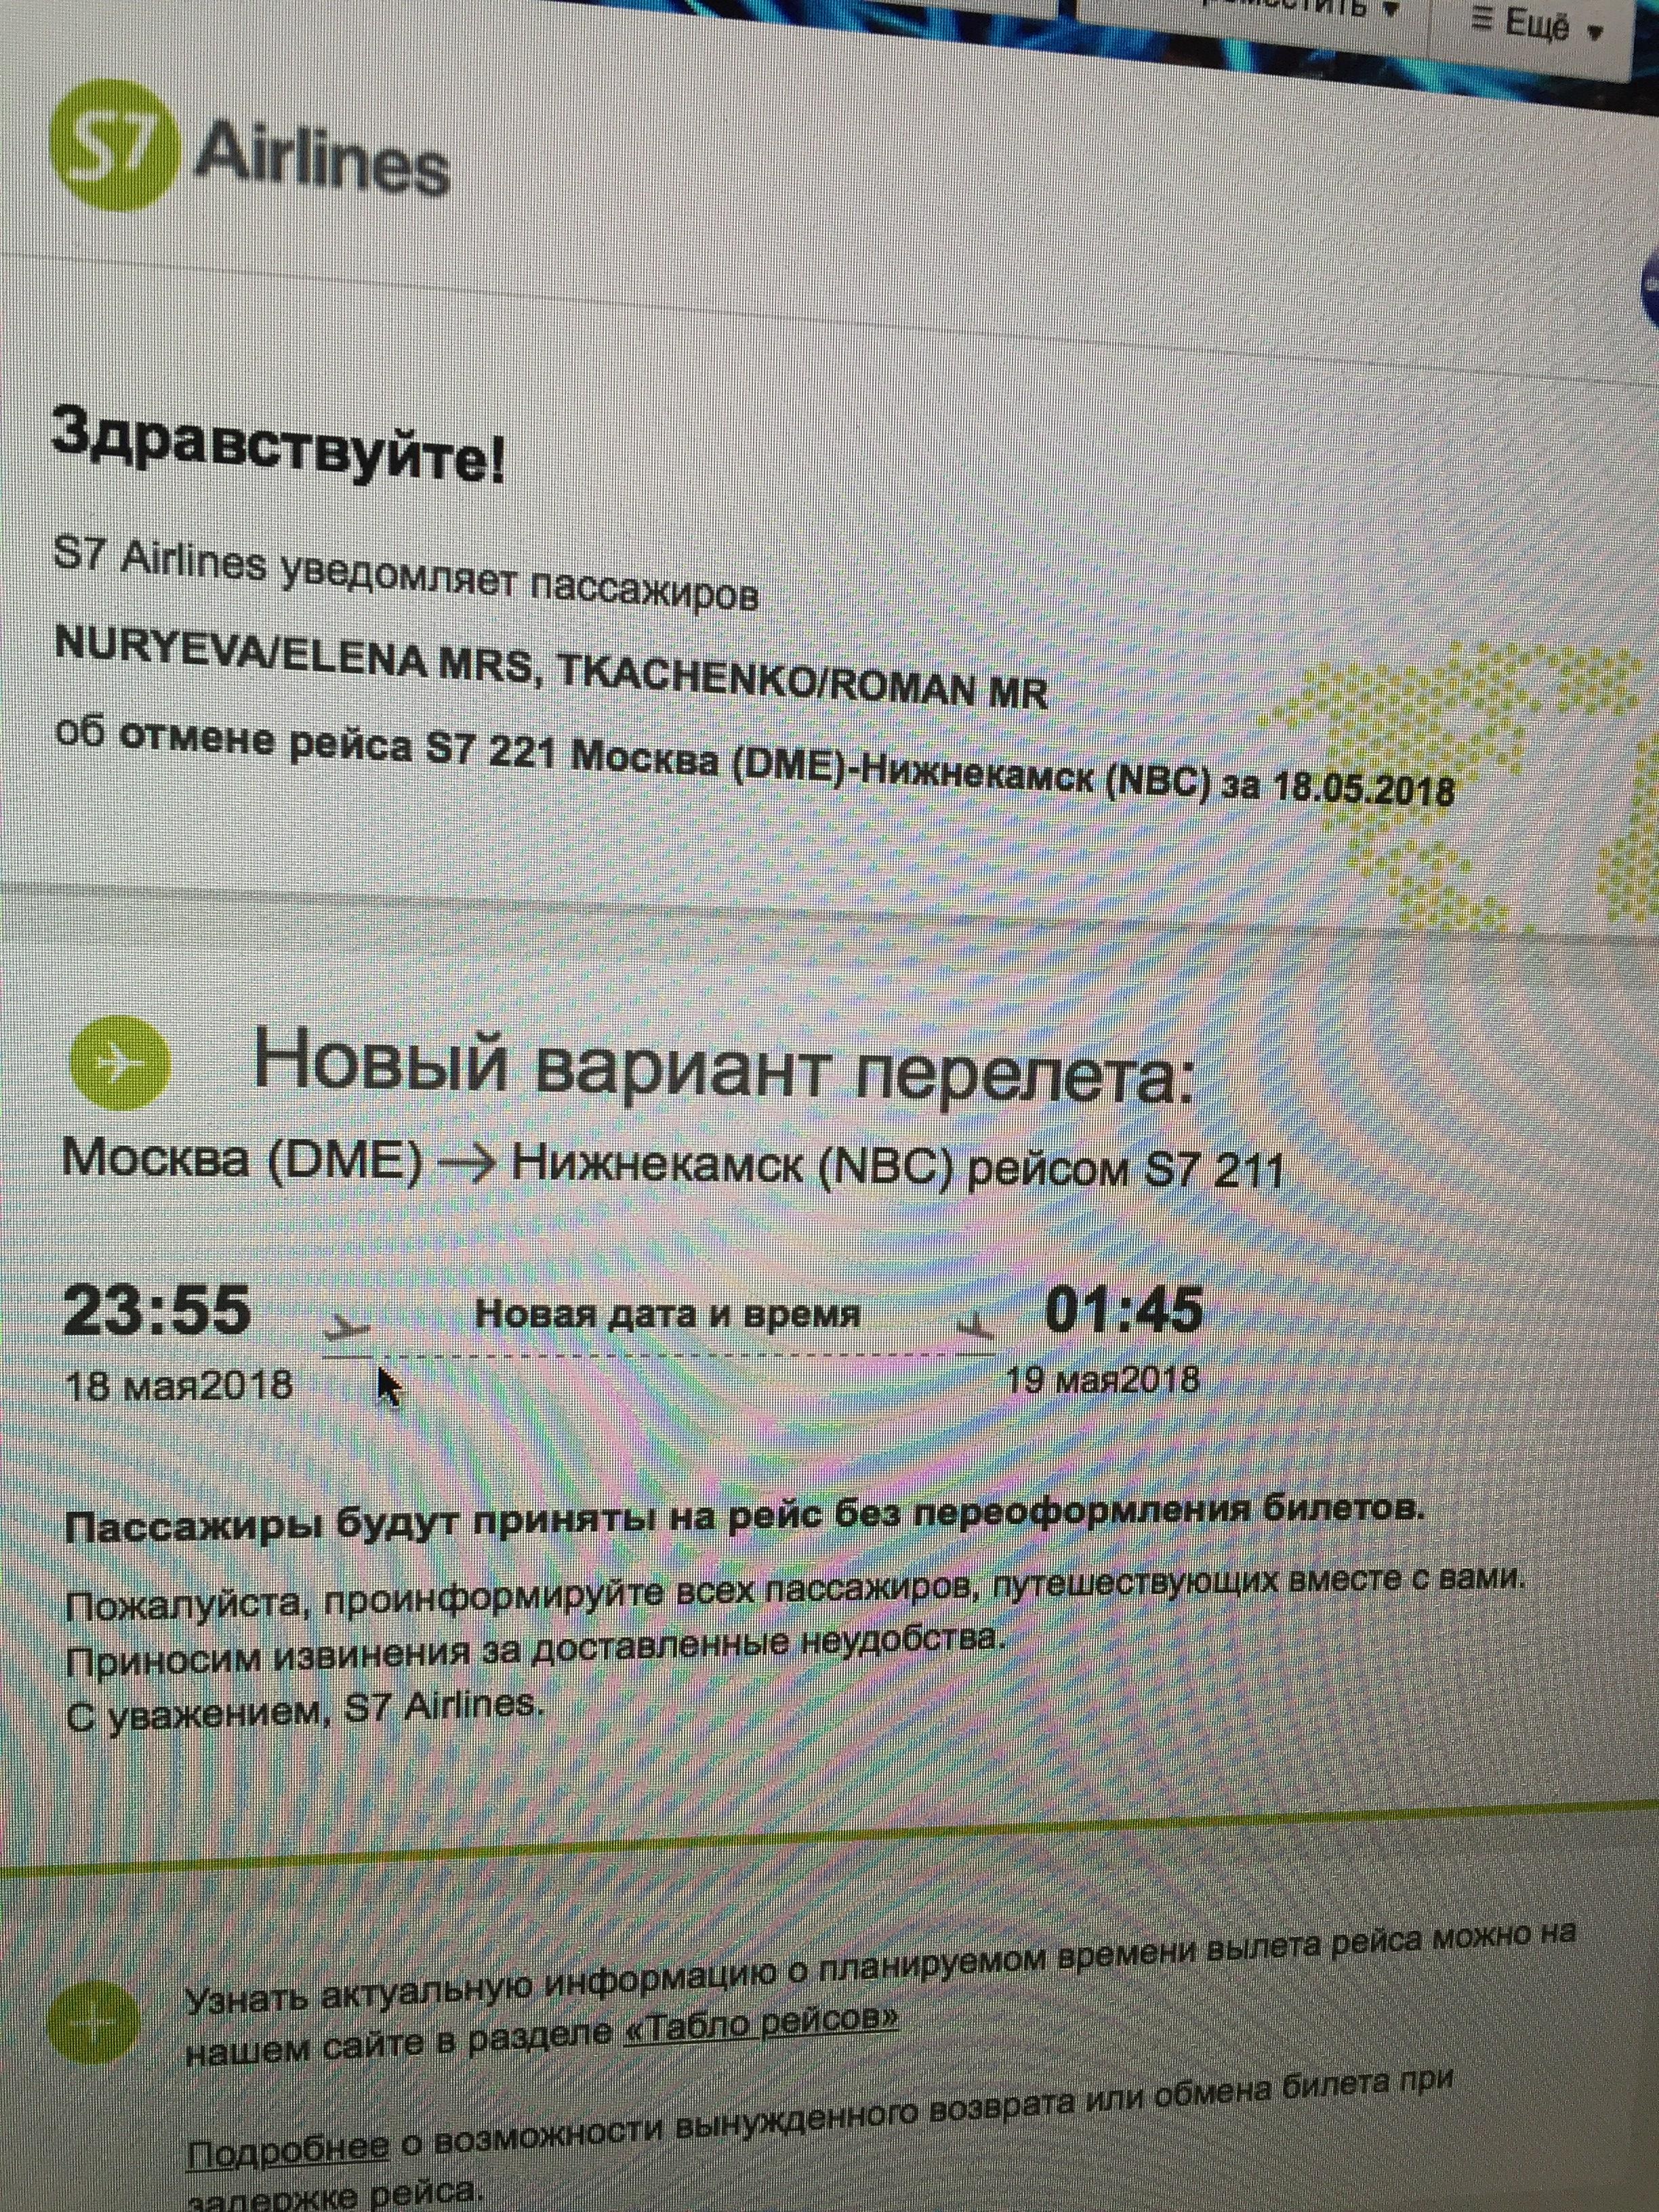 Купить авиабилеты дешево алматы санкт петербург алматы